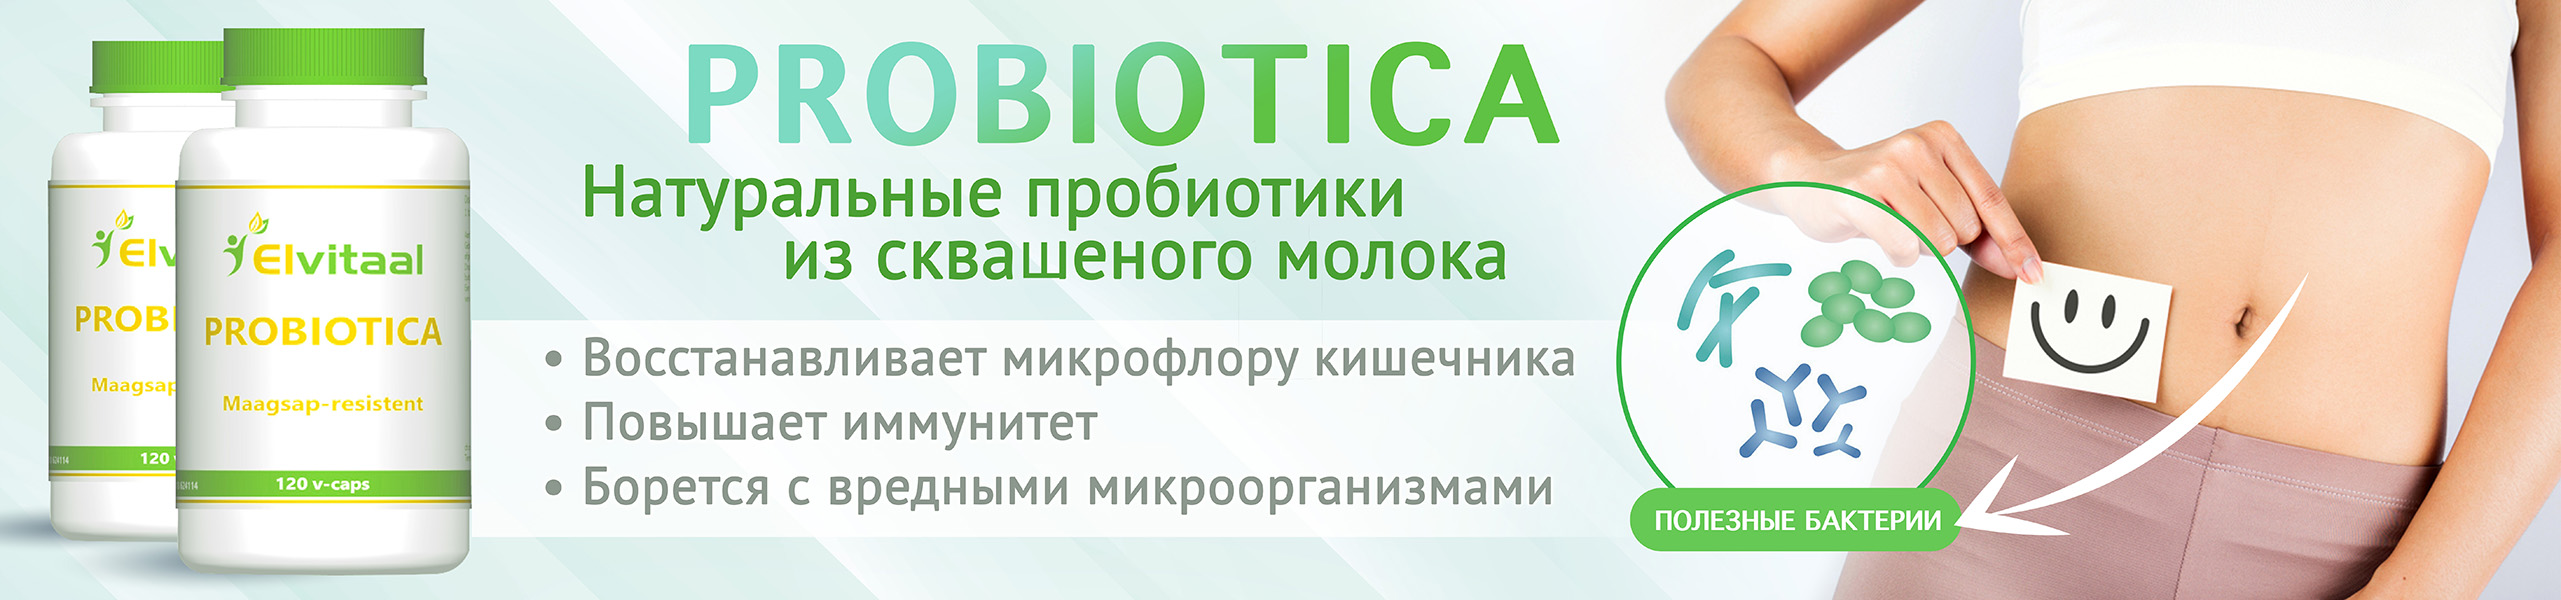 Probiotica Elvitaal витамины высшего качества